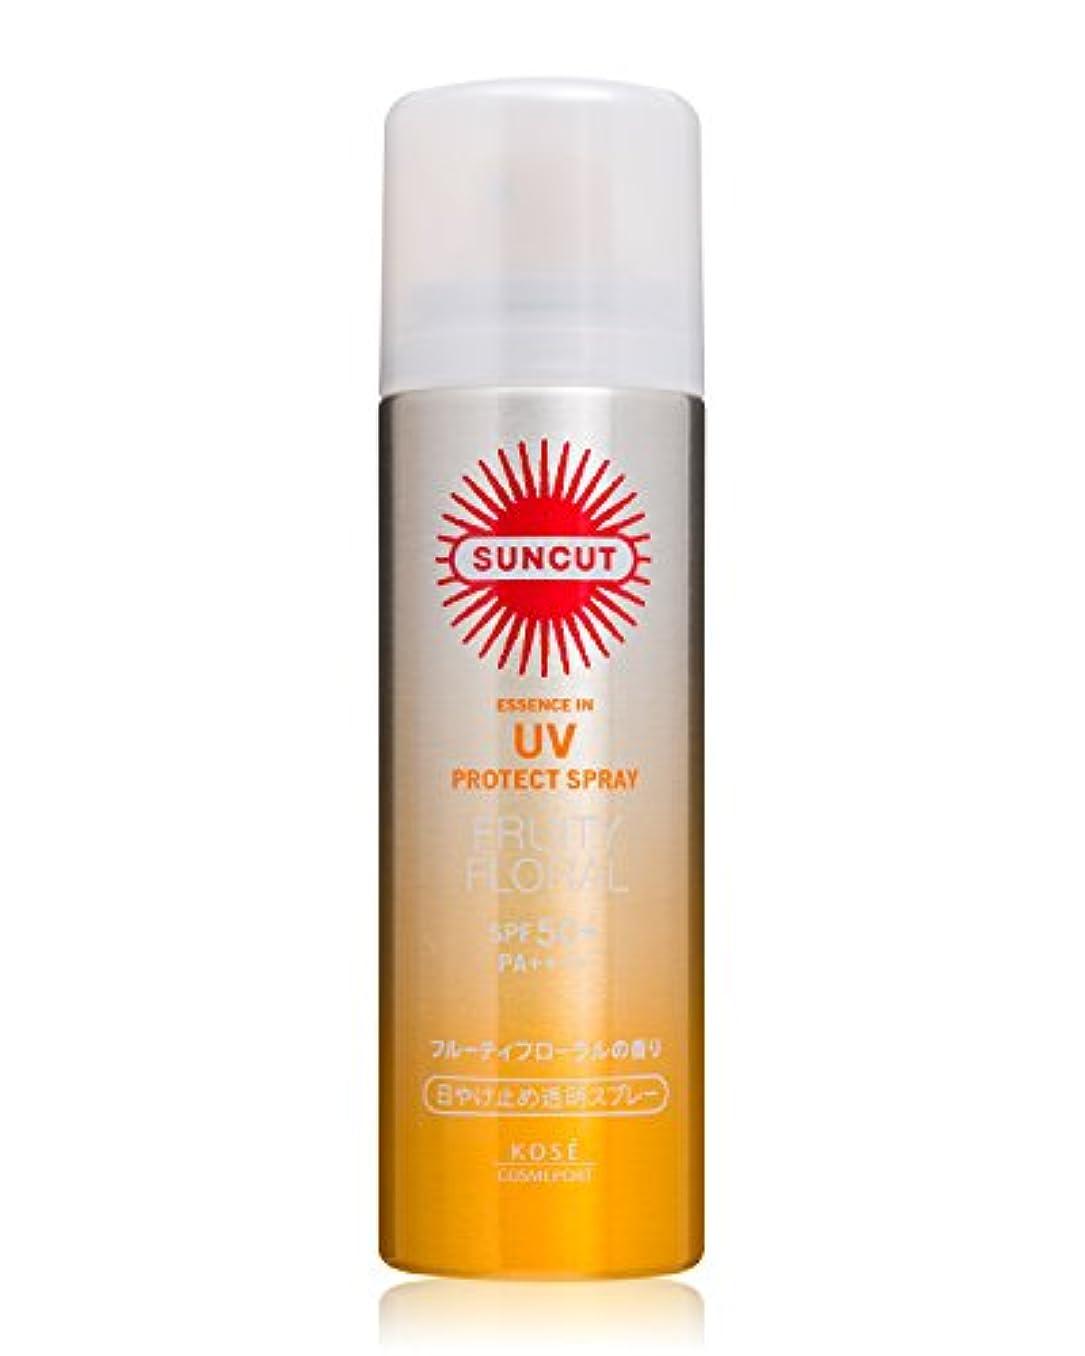 広告するソブリケットマーカーKOSE コーセー サンカット 日焼け止め 透明 スプレー フルーティ フローラル 50g SPF50+ PA++++